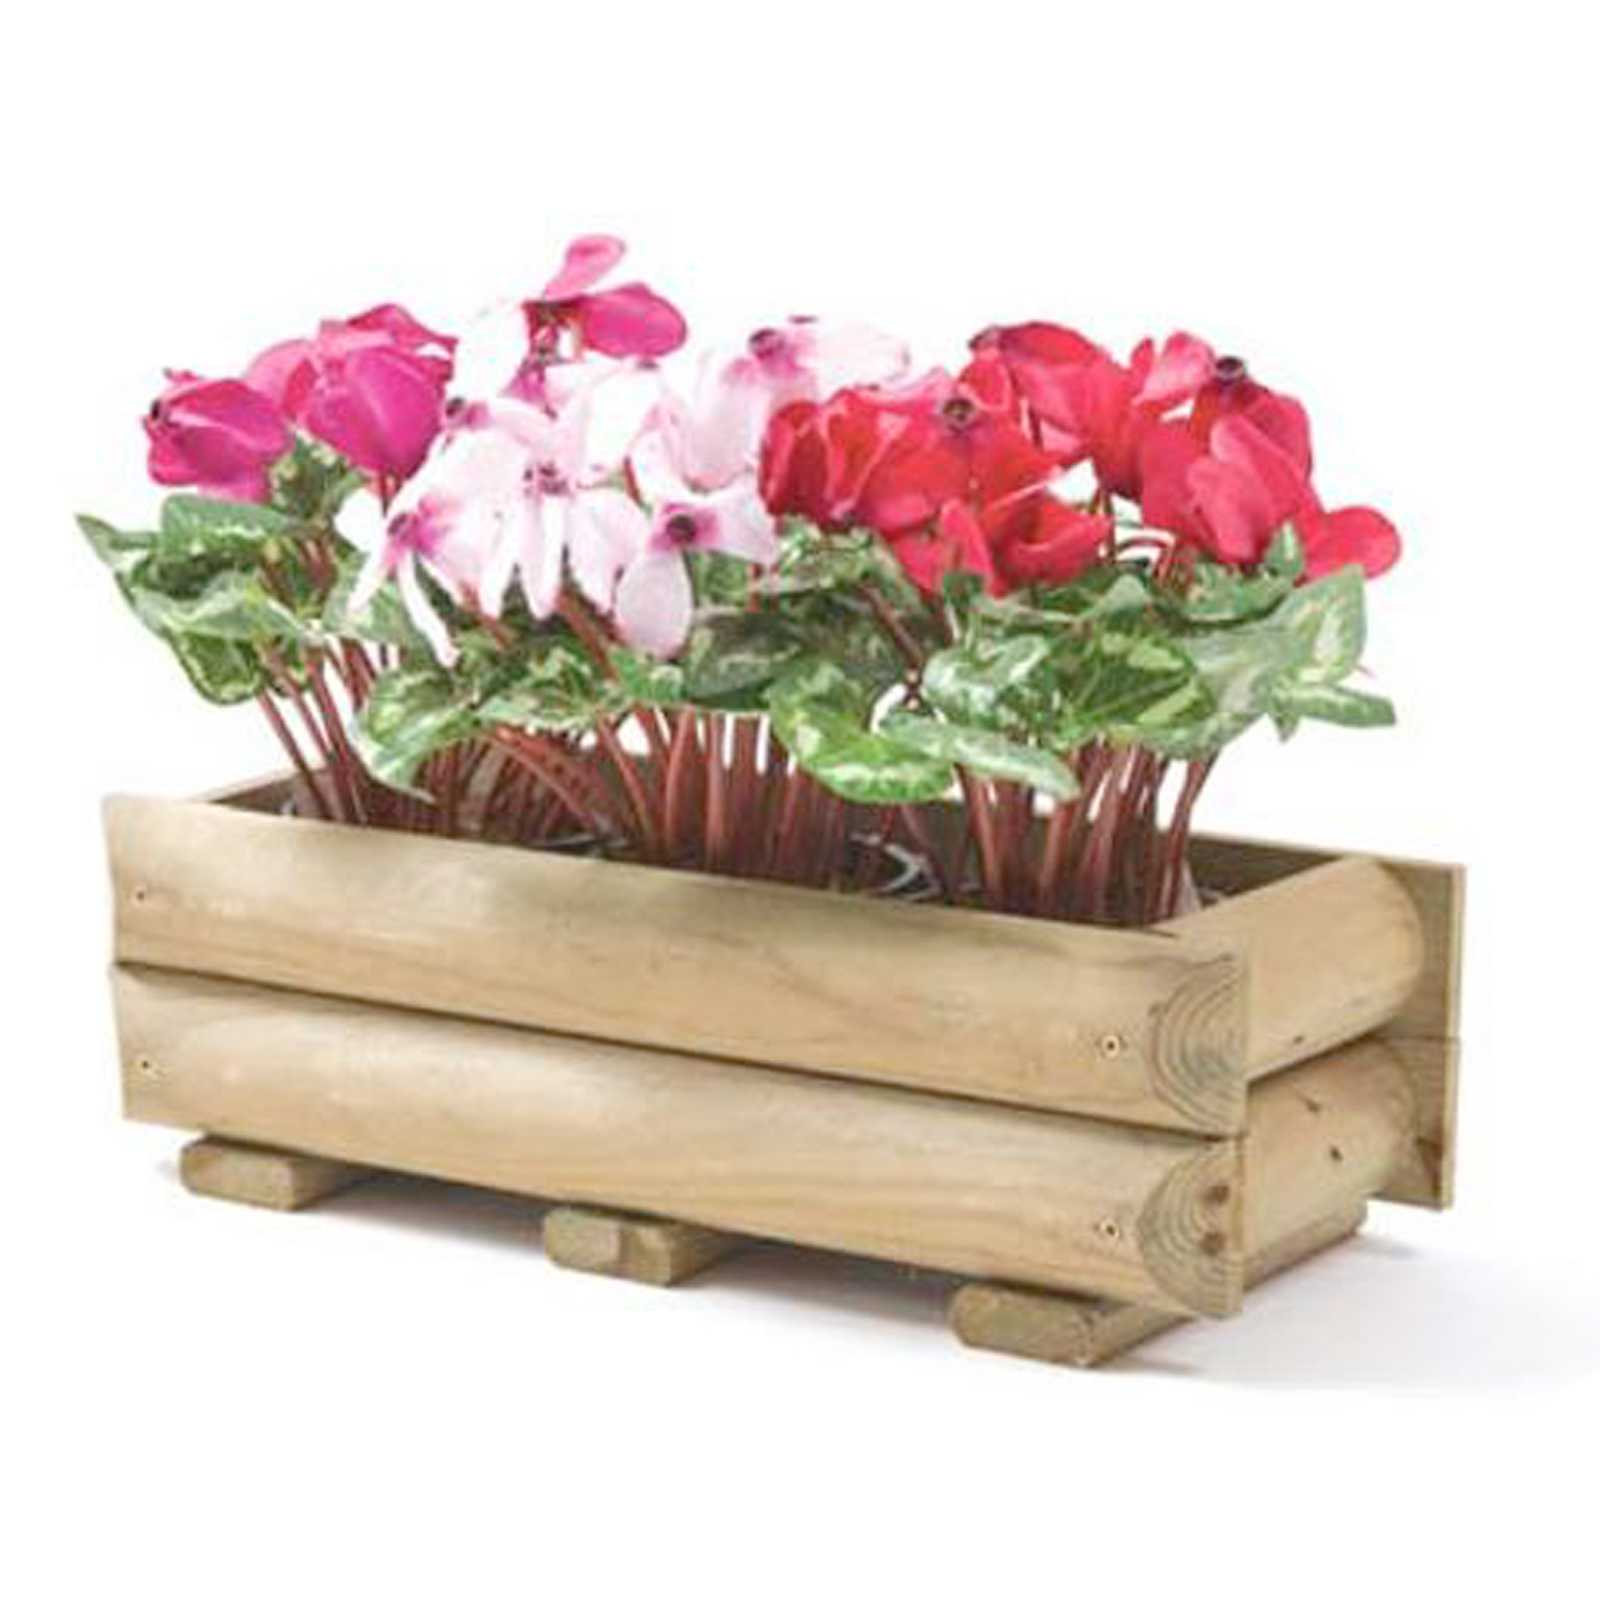 Cassetta in legno di pino impregnato cm 60x25x19h ideale per piante e fiori - Vasi e fiorirere